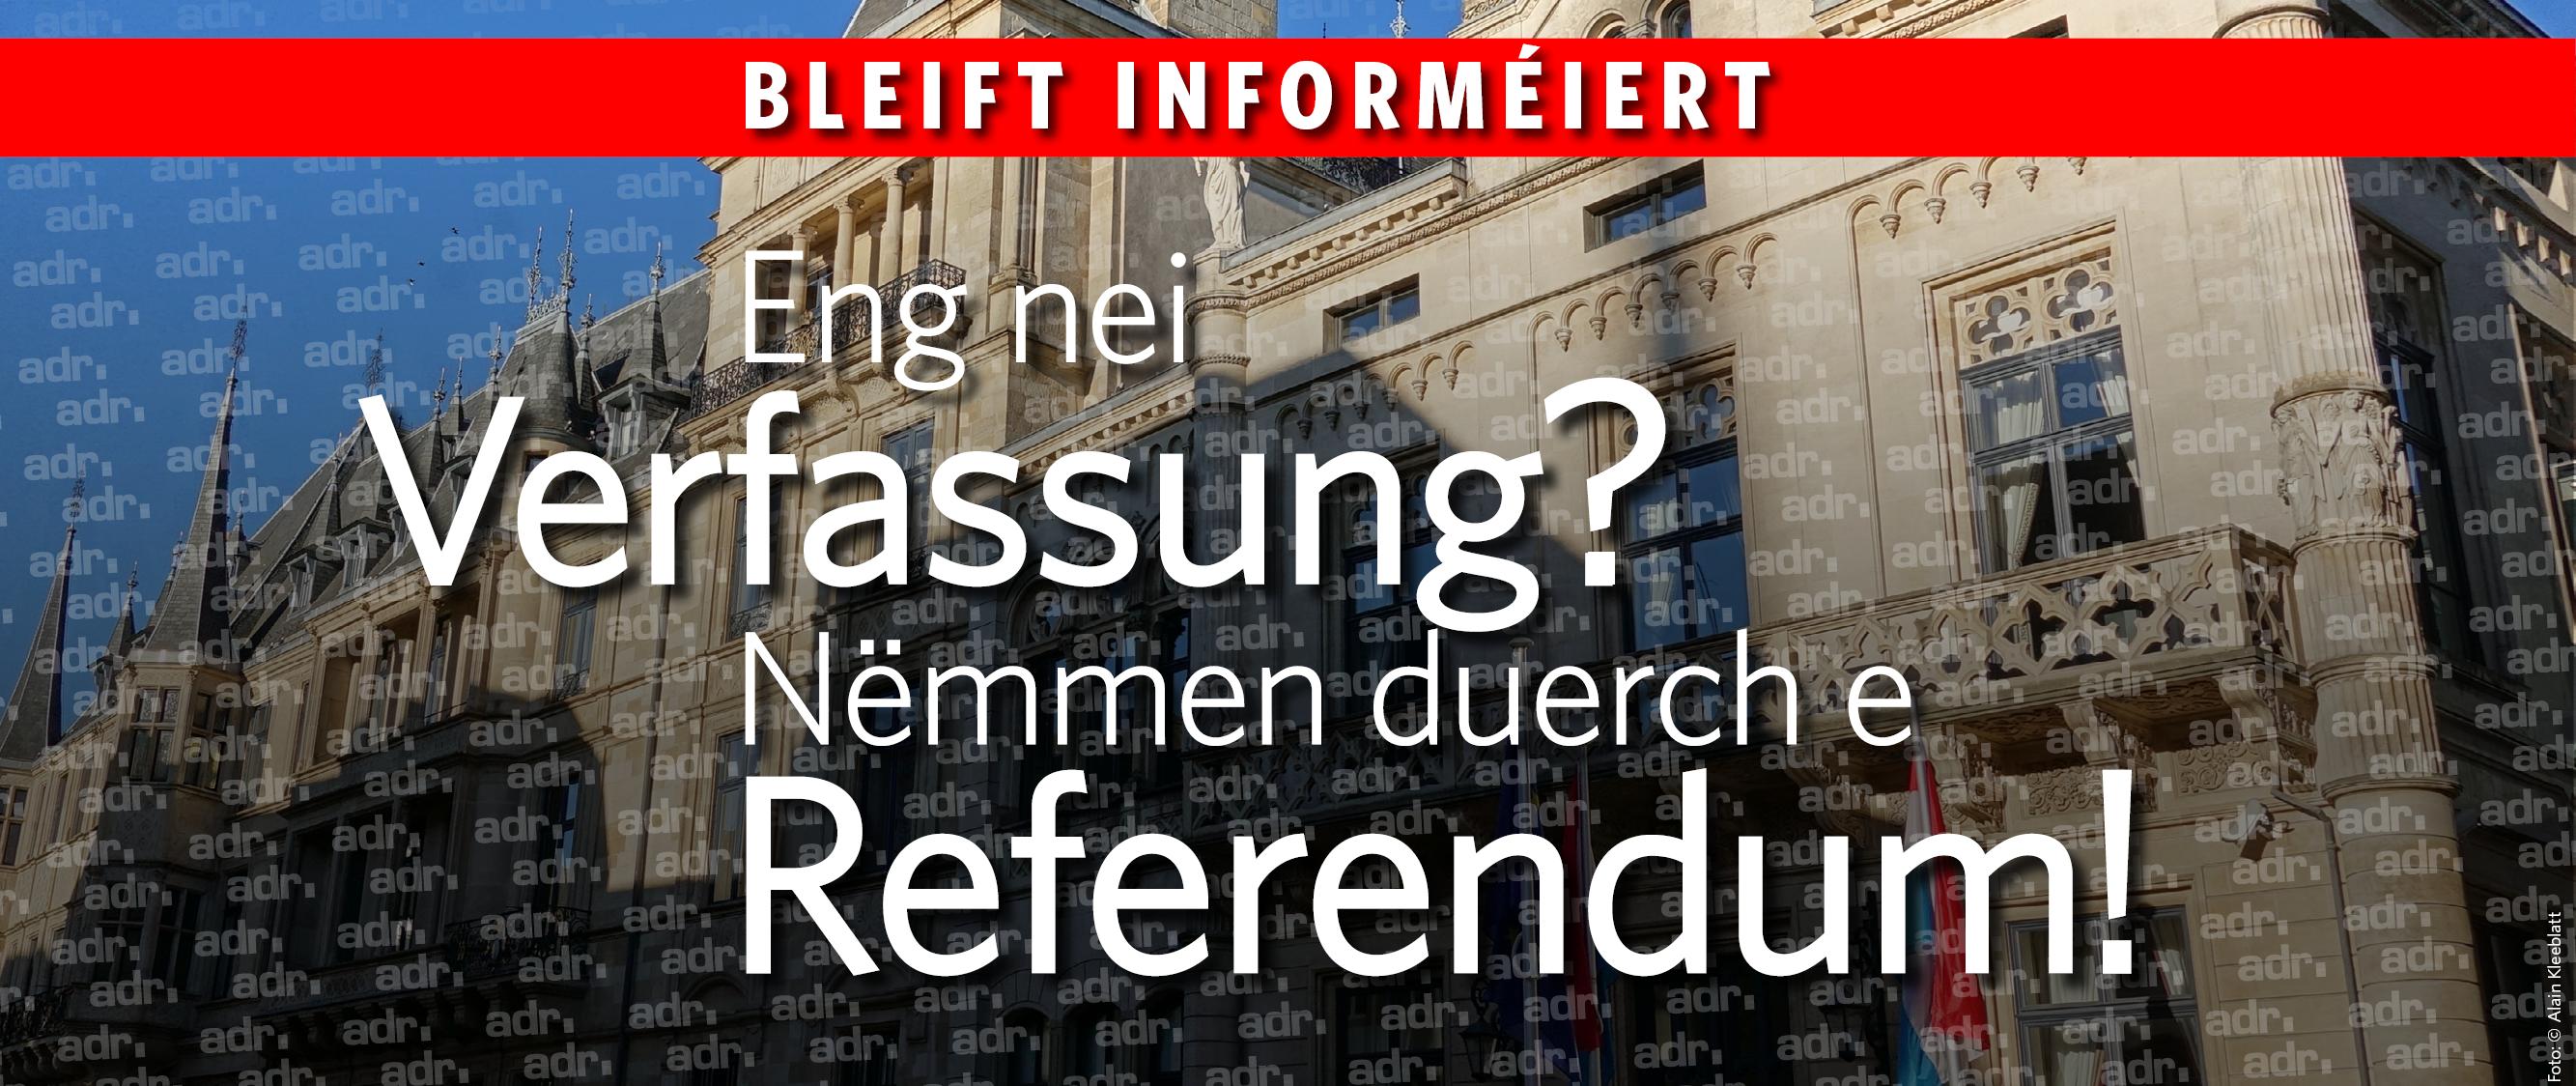 Eng nei Verfassung? Nëmmen duerch e Referendum!